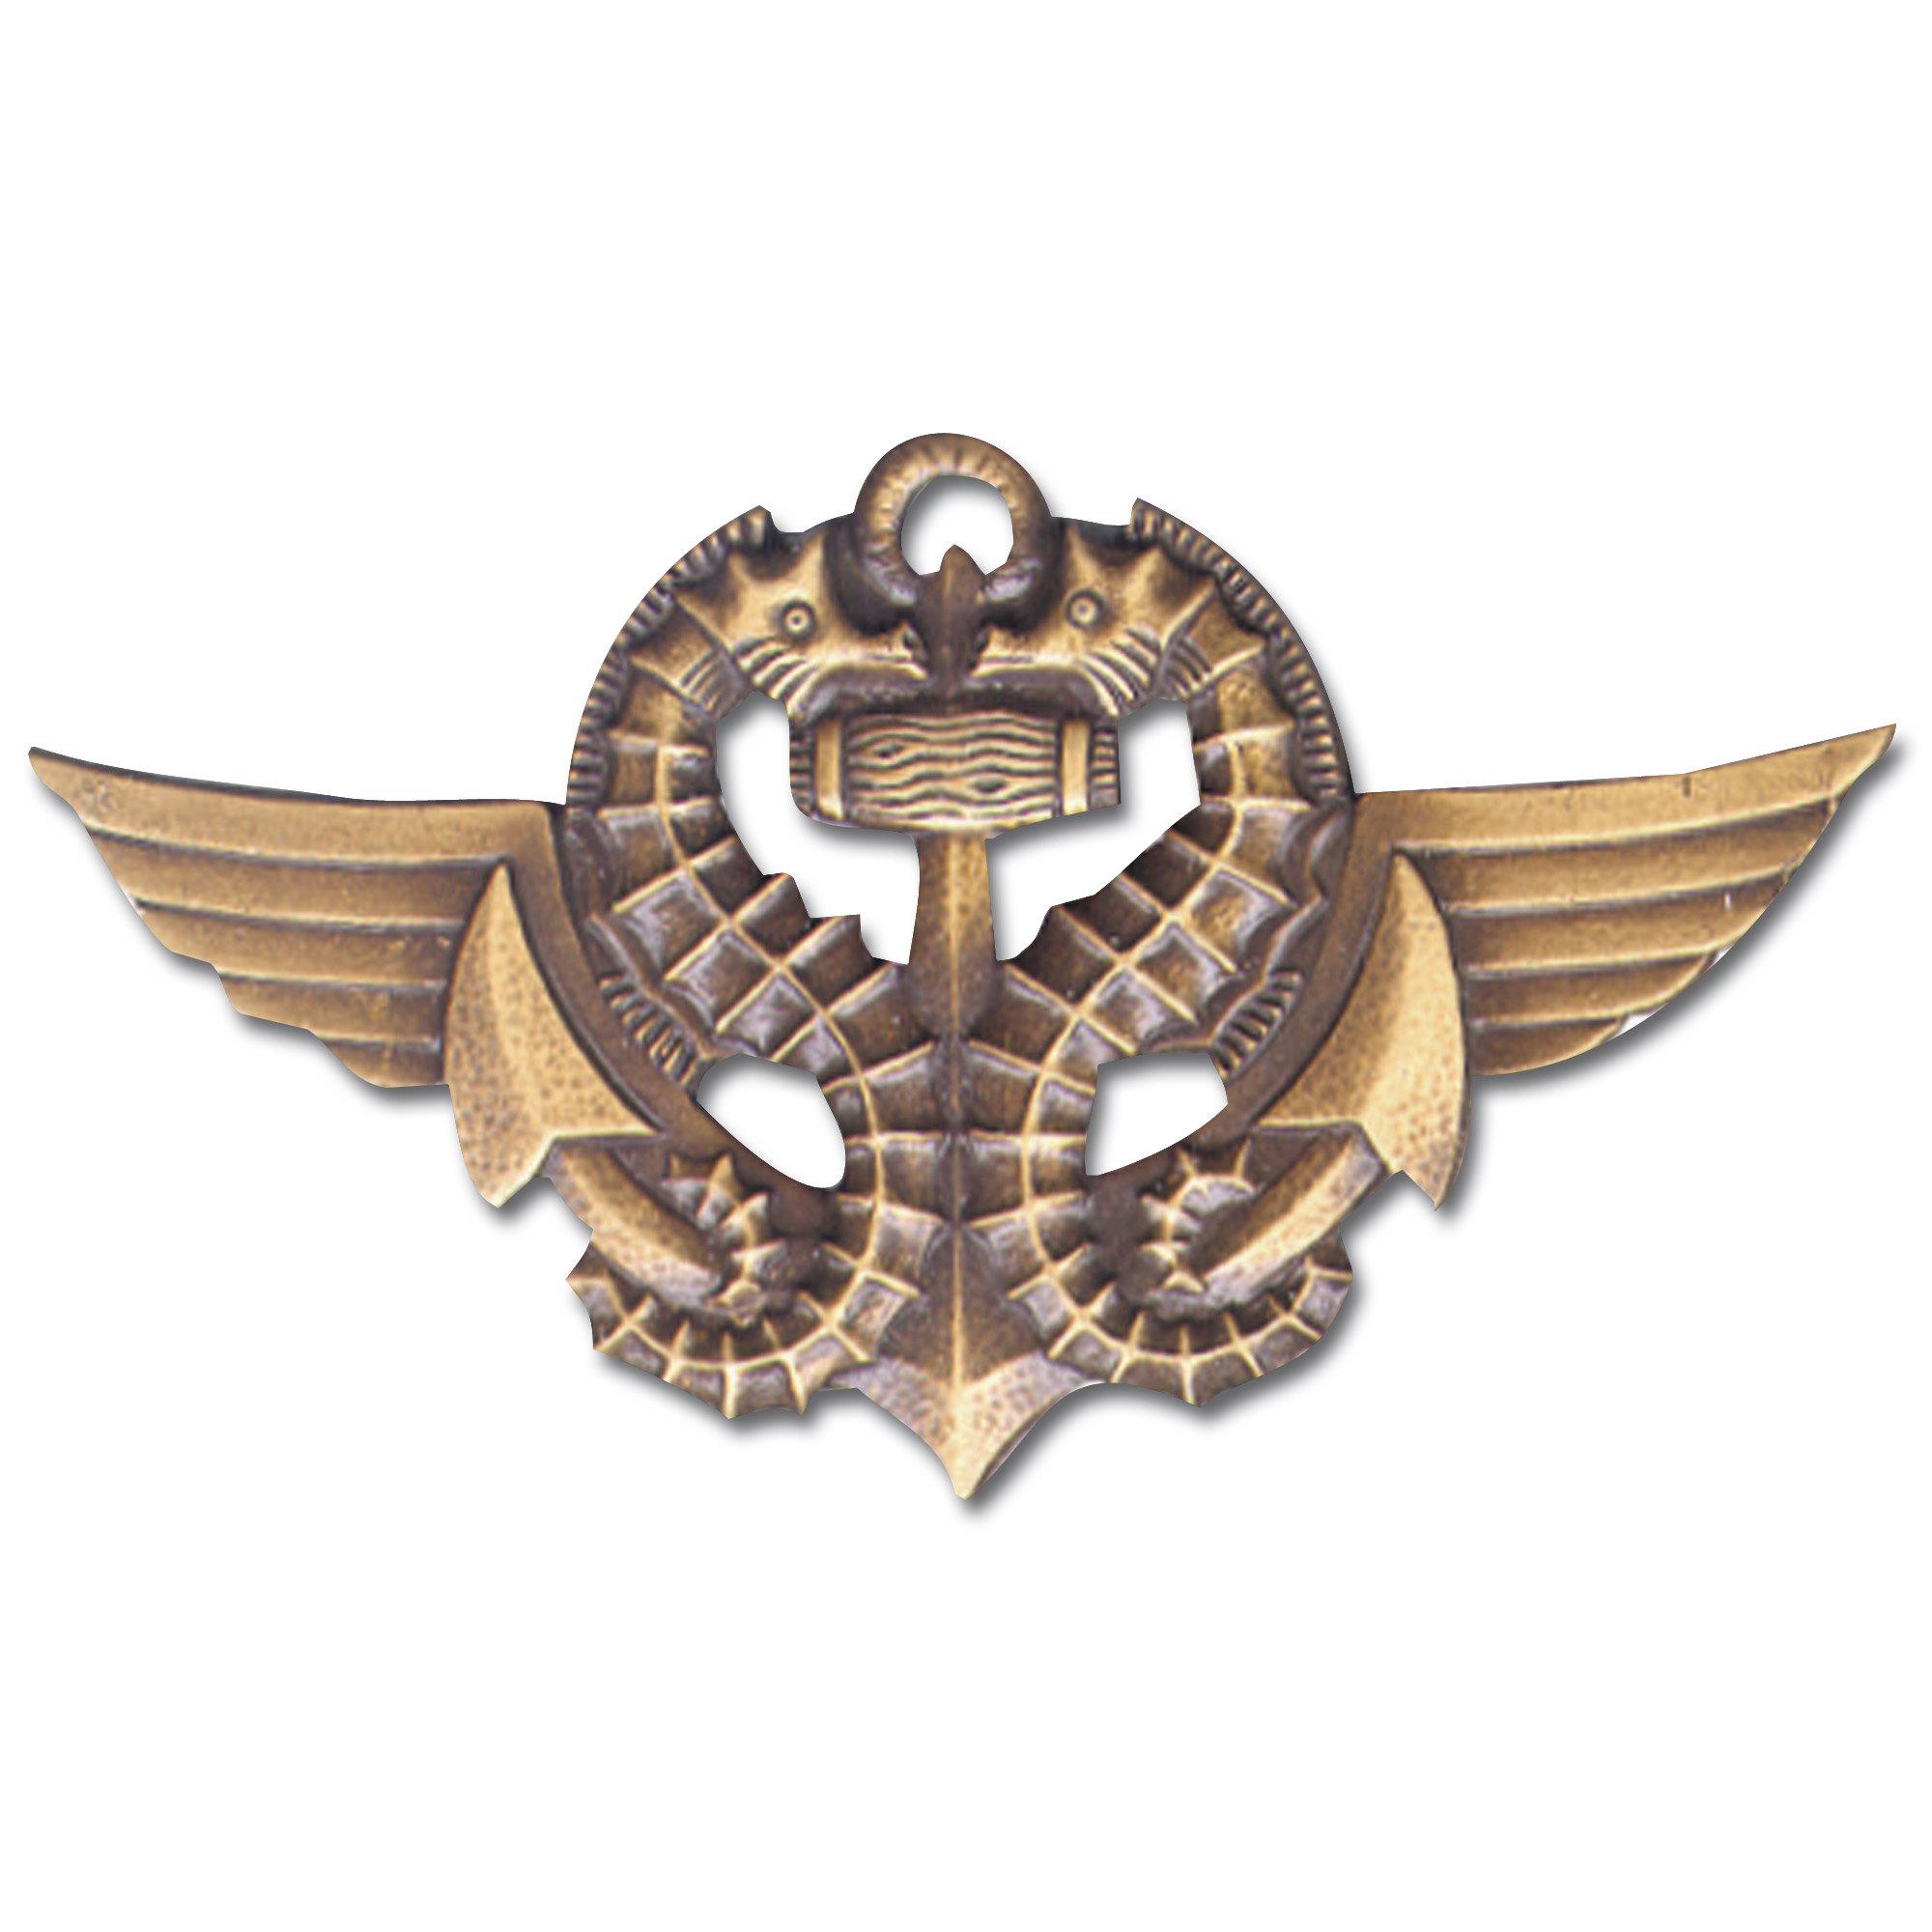 Distintivo francés Nageur de Combat